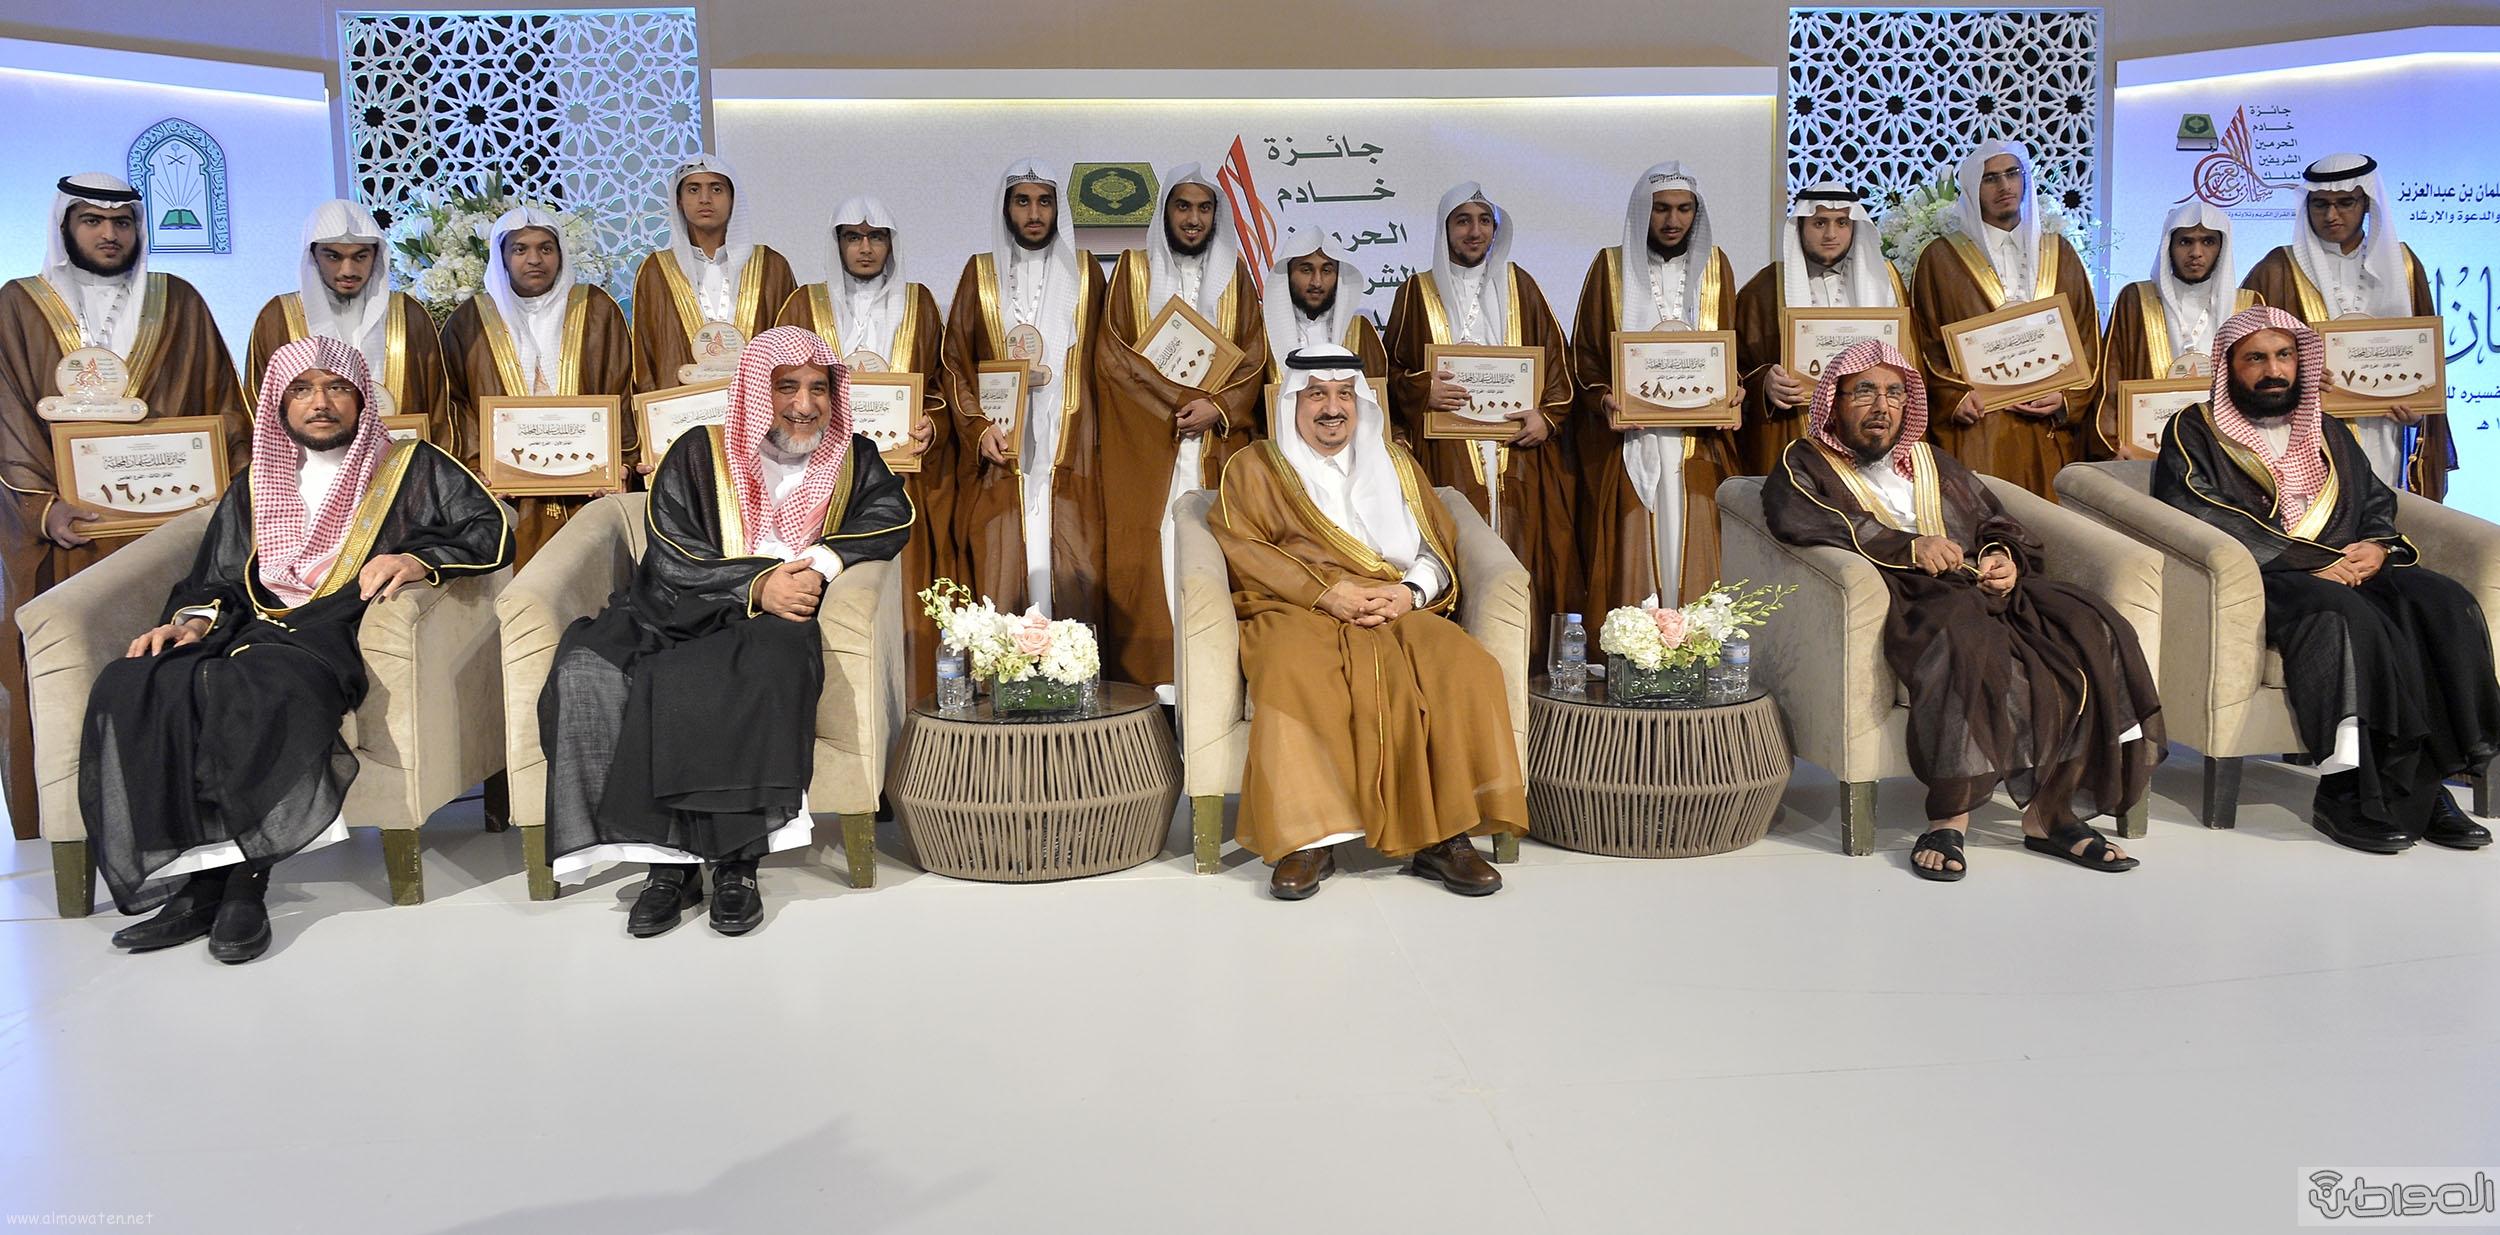 امير منطقة الرياض يرعى حفل اختتام مسابقة جائزة الملك سلمان لحفظ القران الكريم (27)